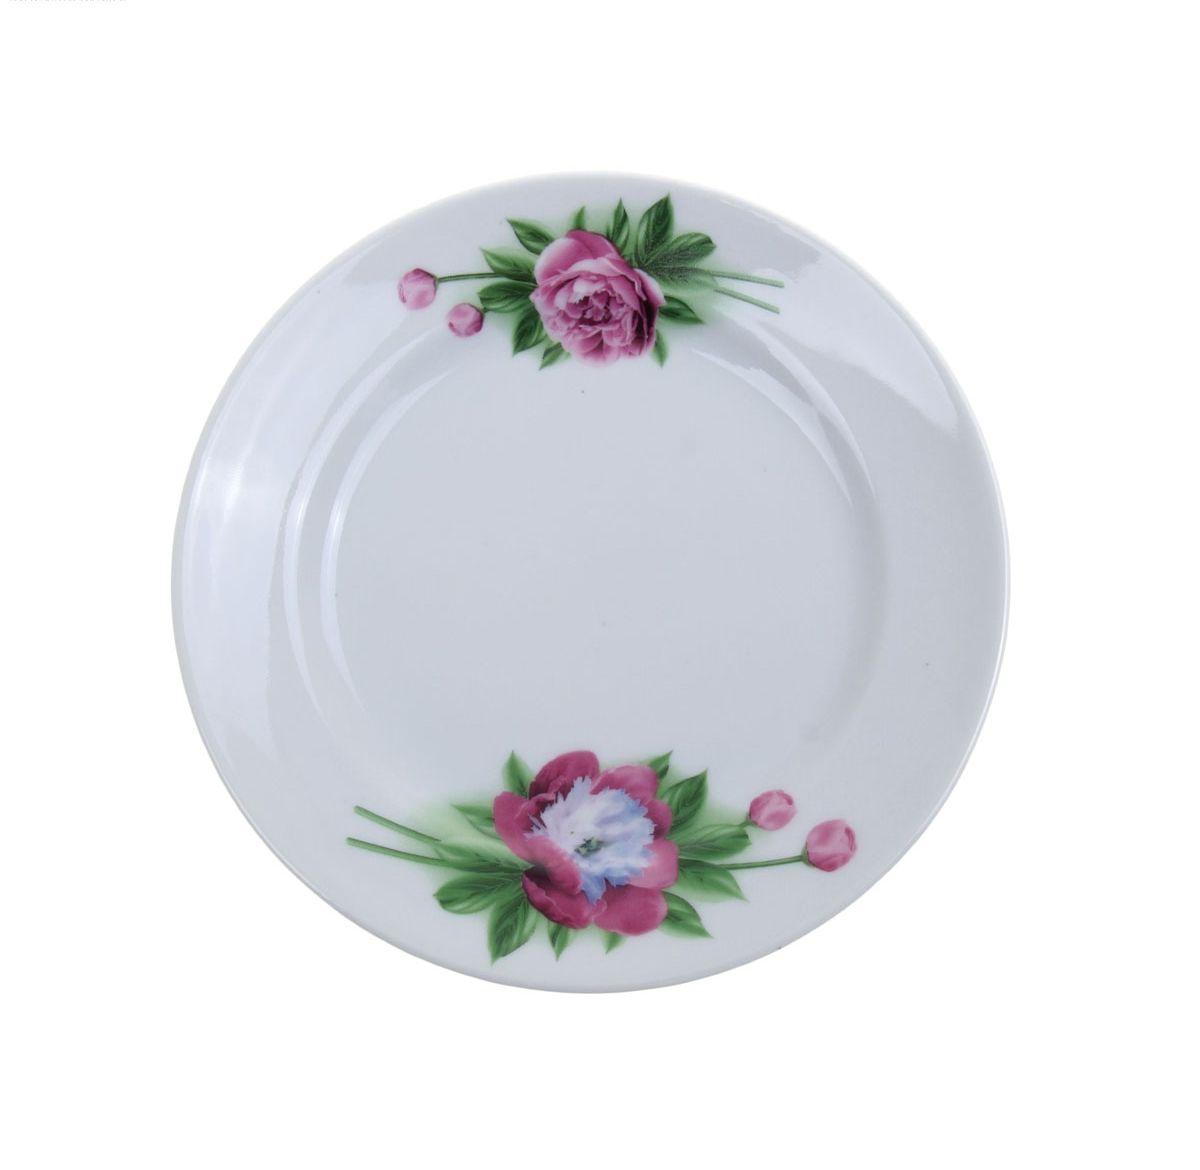 Тарелка мелкая Идиллия. Пион, диаметр 17 см1063089Мелкая тарелка Идиллия. Пион выполнена из высококачественного фарфора и украшена ярким рисунком. Она прекрасно впишется в интерьер вашей кухни и станет достойным дополнением к кухонному инвентарю. Тарелка Идиллия. Пион подчеркнет прекрасный вкус хозяйки и станет отличным подарком. Диаметр тарелки: 17 см.